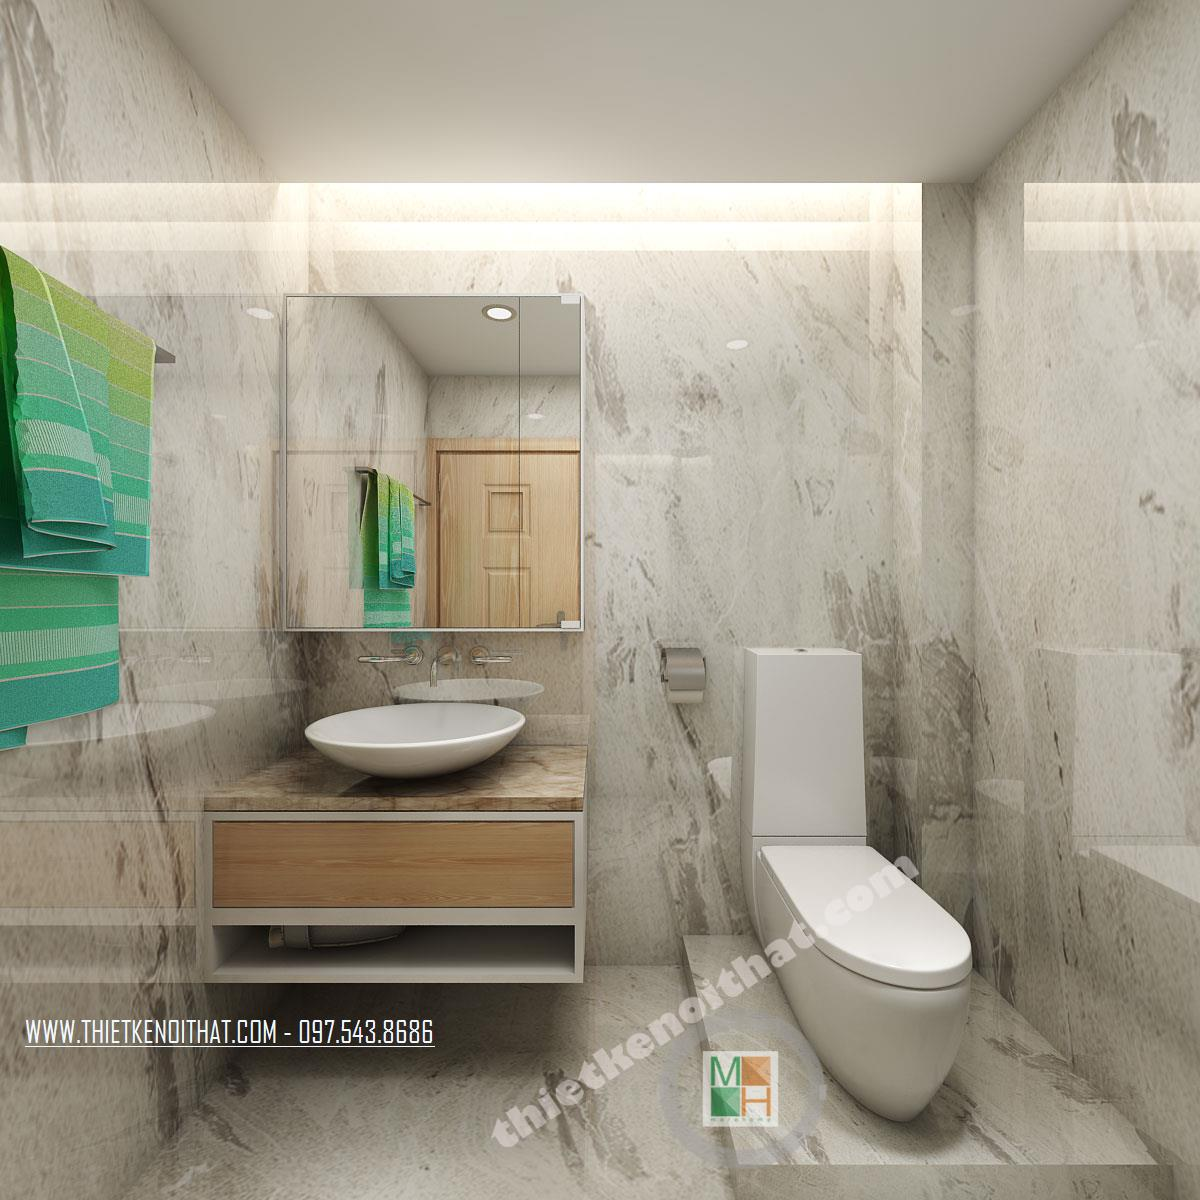 Thiết kế phòng tắm căn hộ chung cư Bà Triệu Hoàn Kiếm Hà Nội